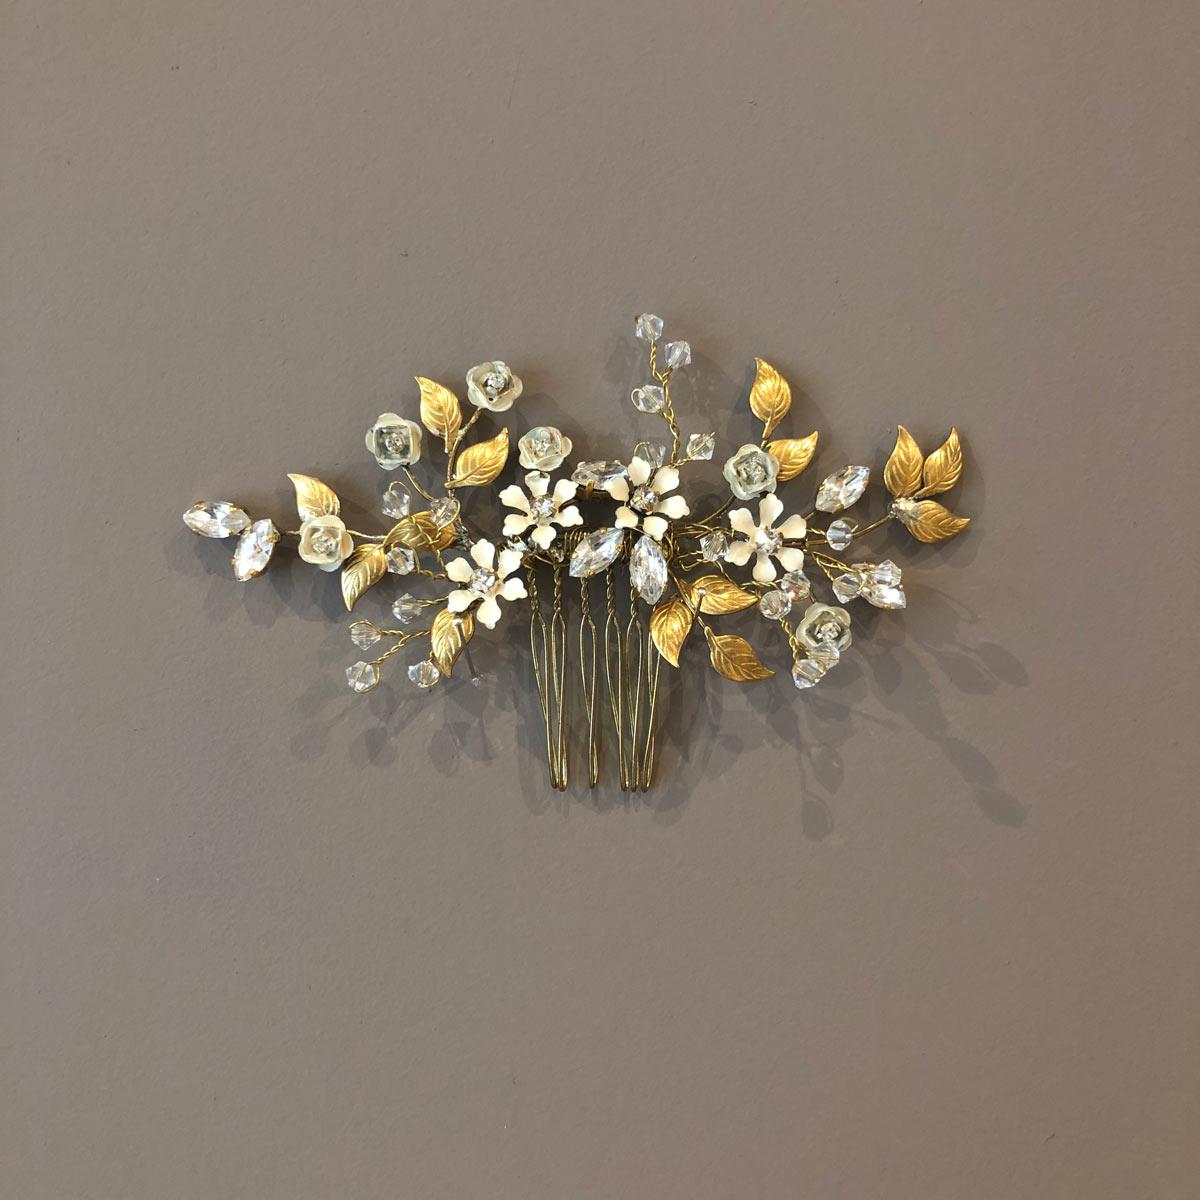 Oui Chéri Herbarium by Elibre